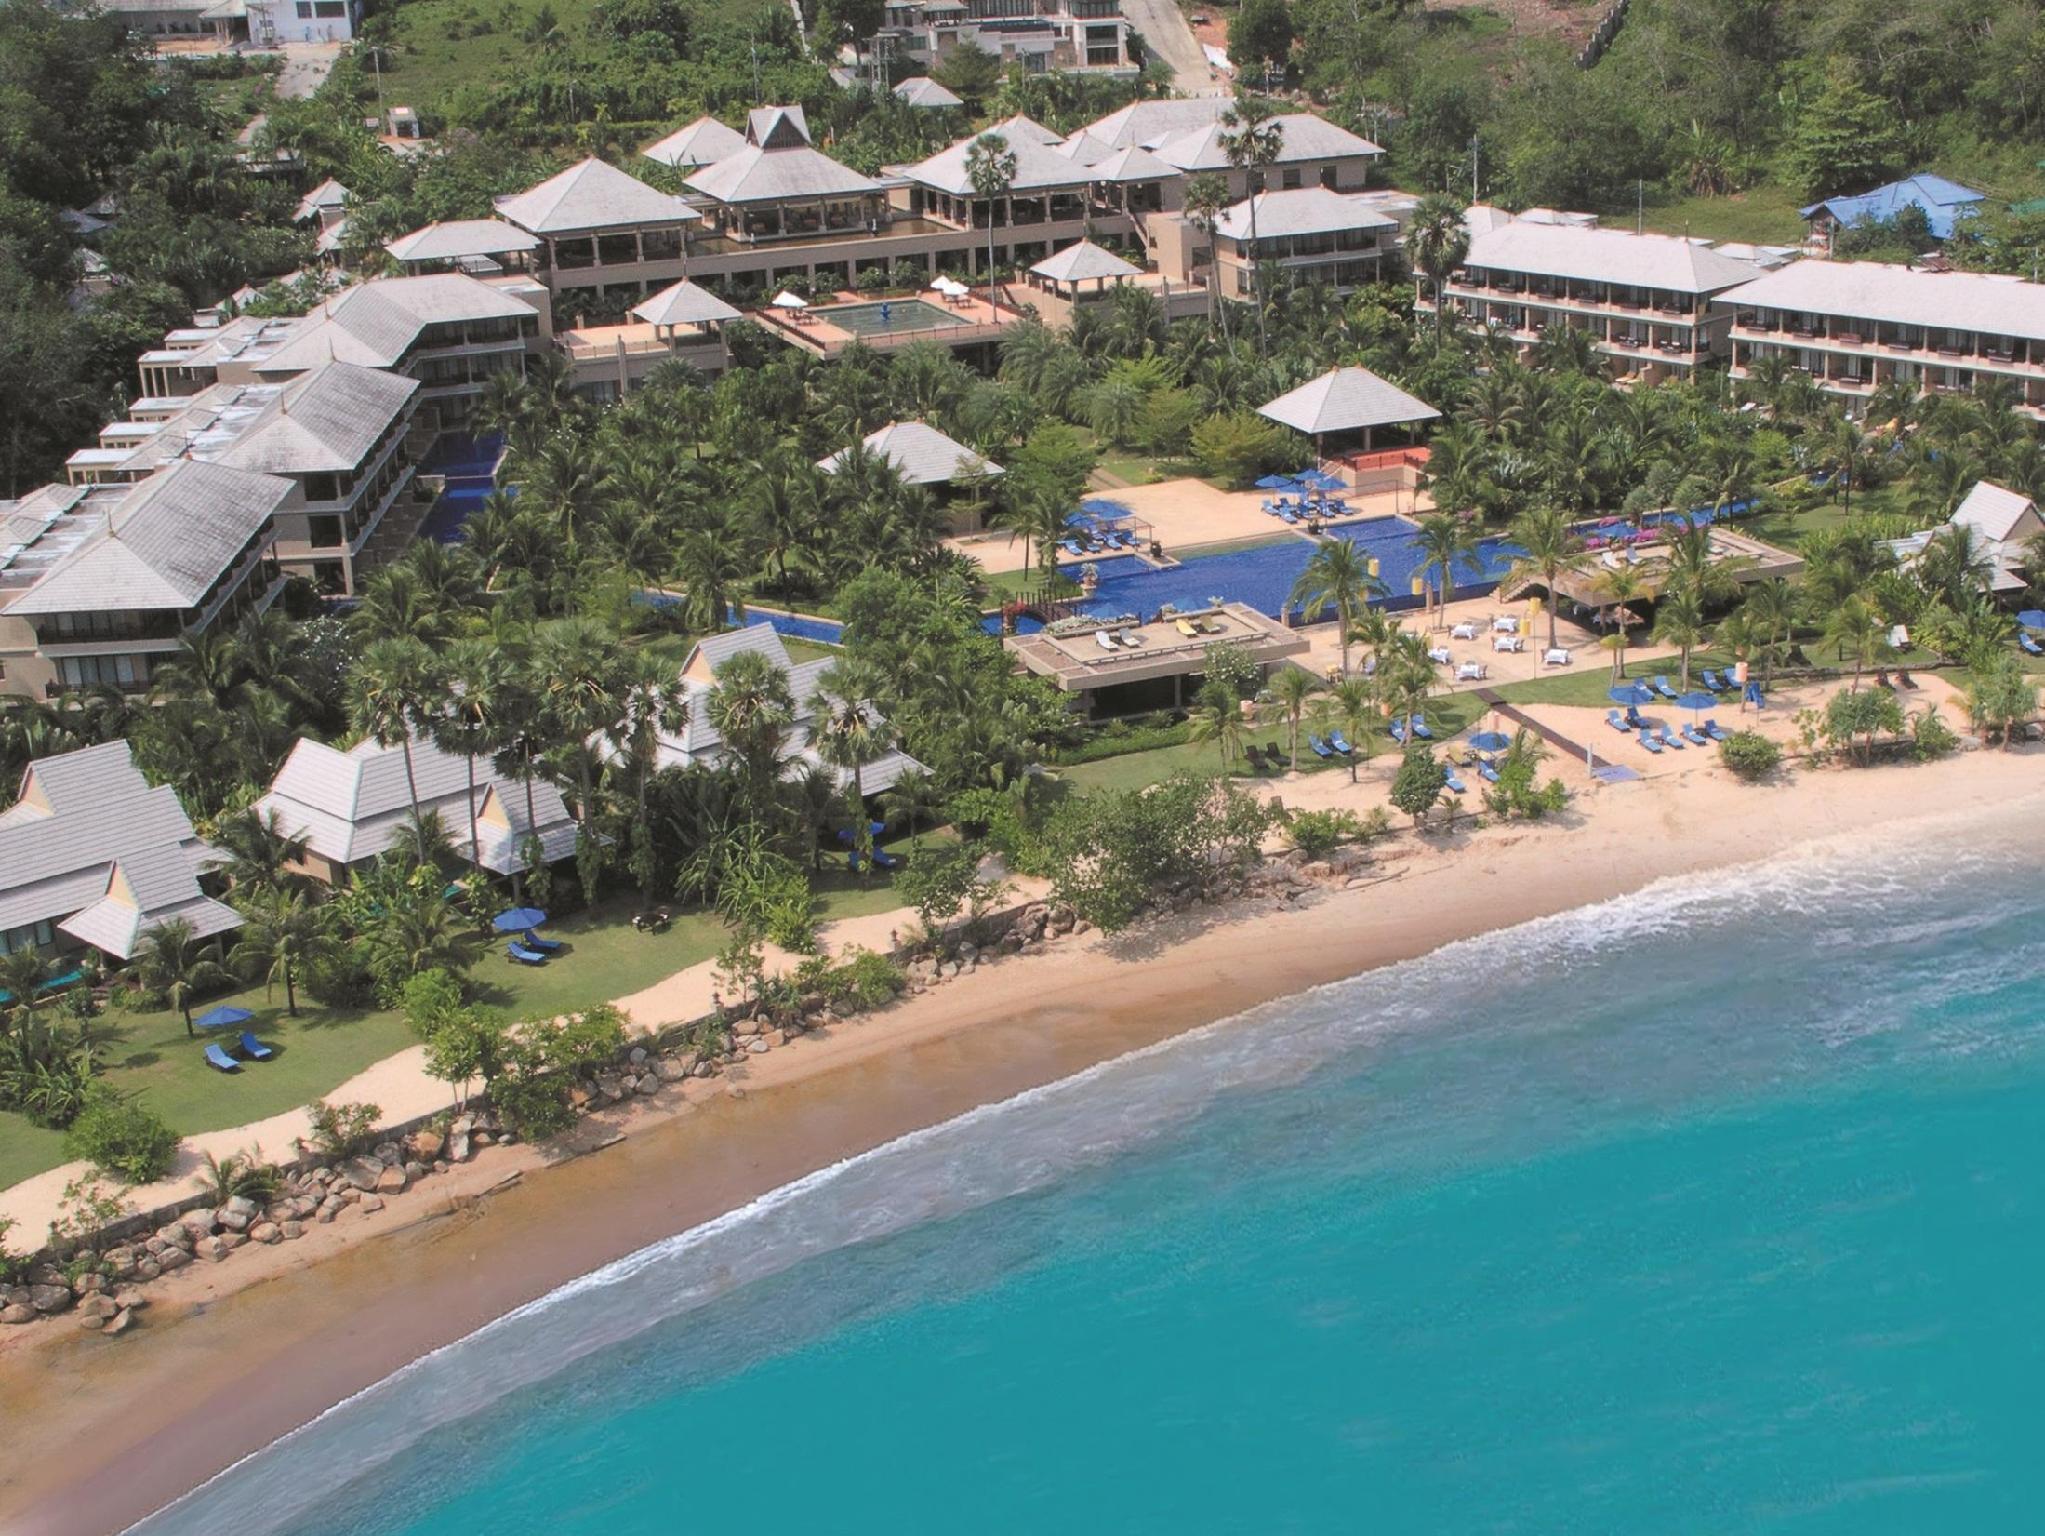 Hotell The Imperial Adamas Beach Resort i Naiyang_-tt-_Naithon, Phuket. Klicka för att läsa mer och skicka bokningsförfrågan